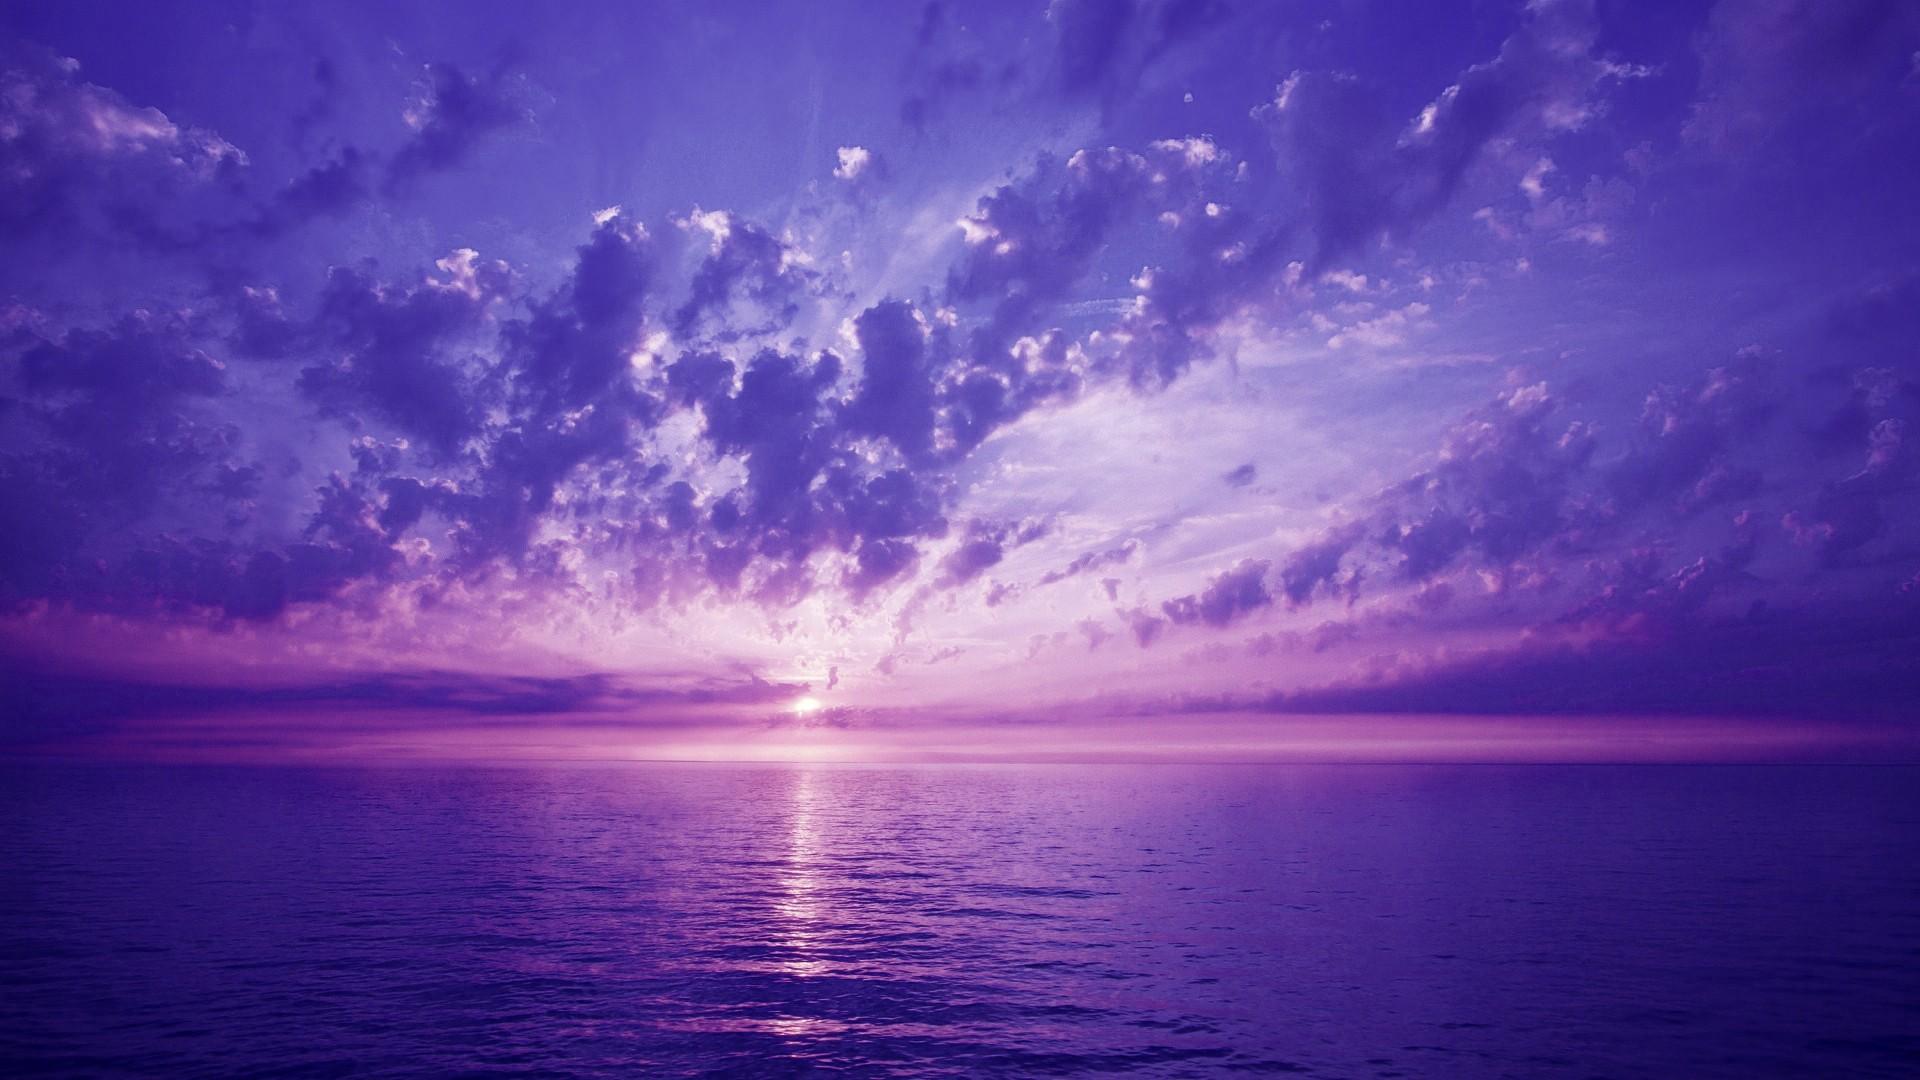 El cielo morado - 1920x1080